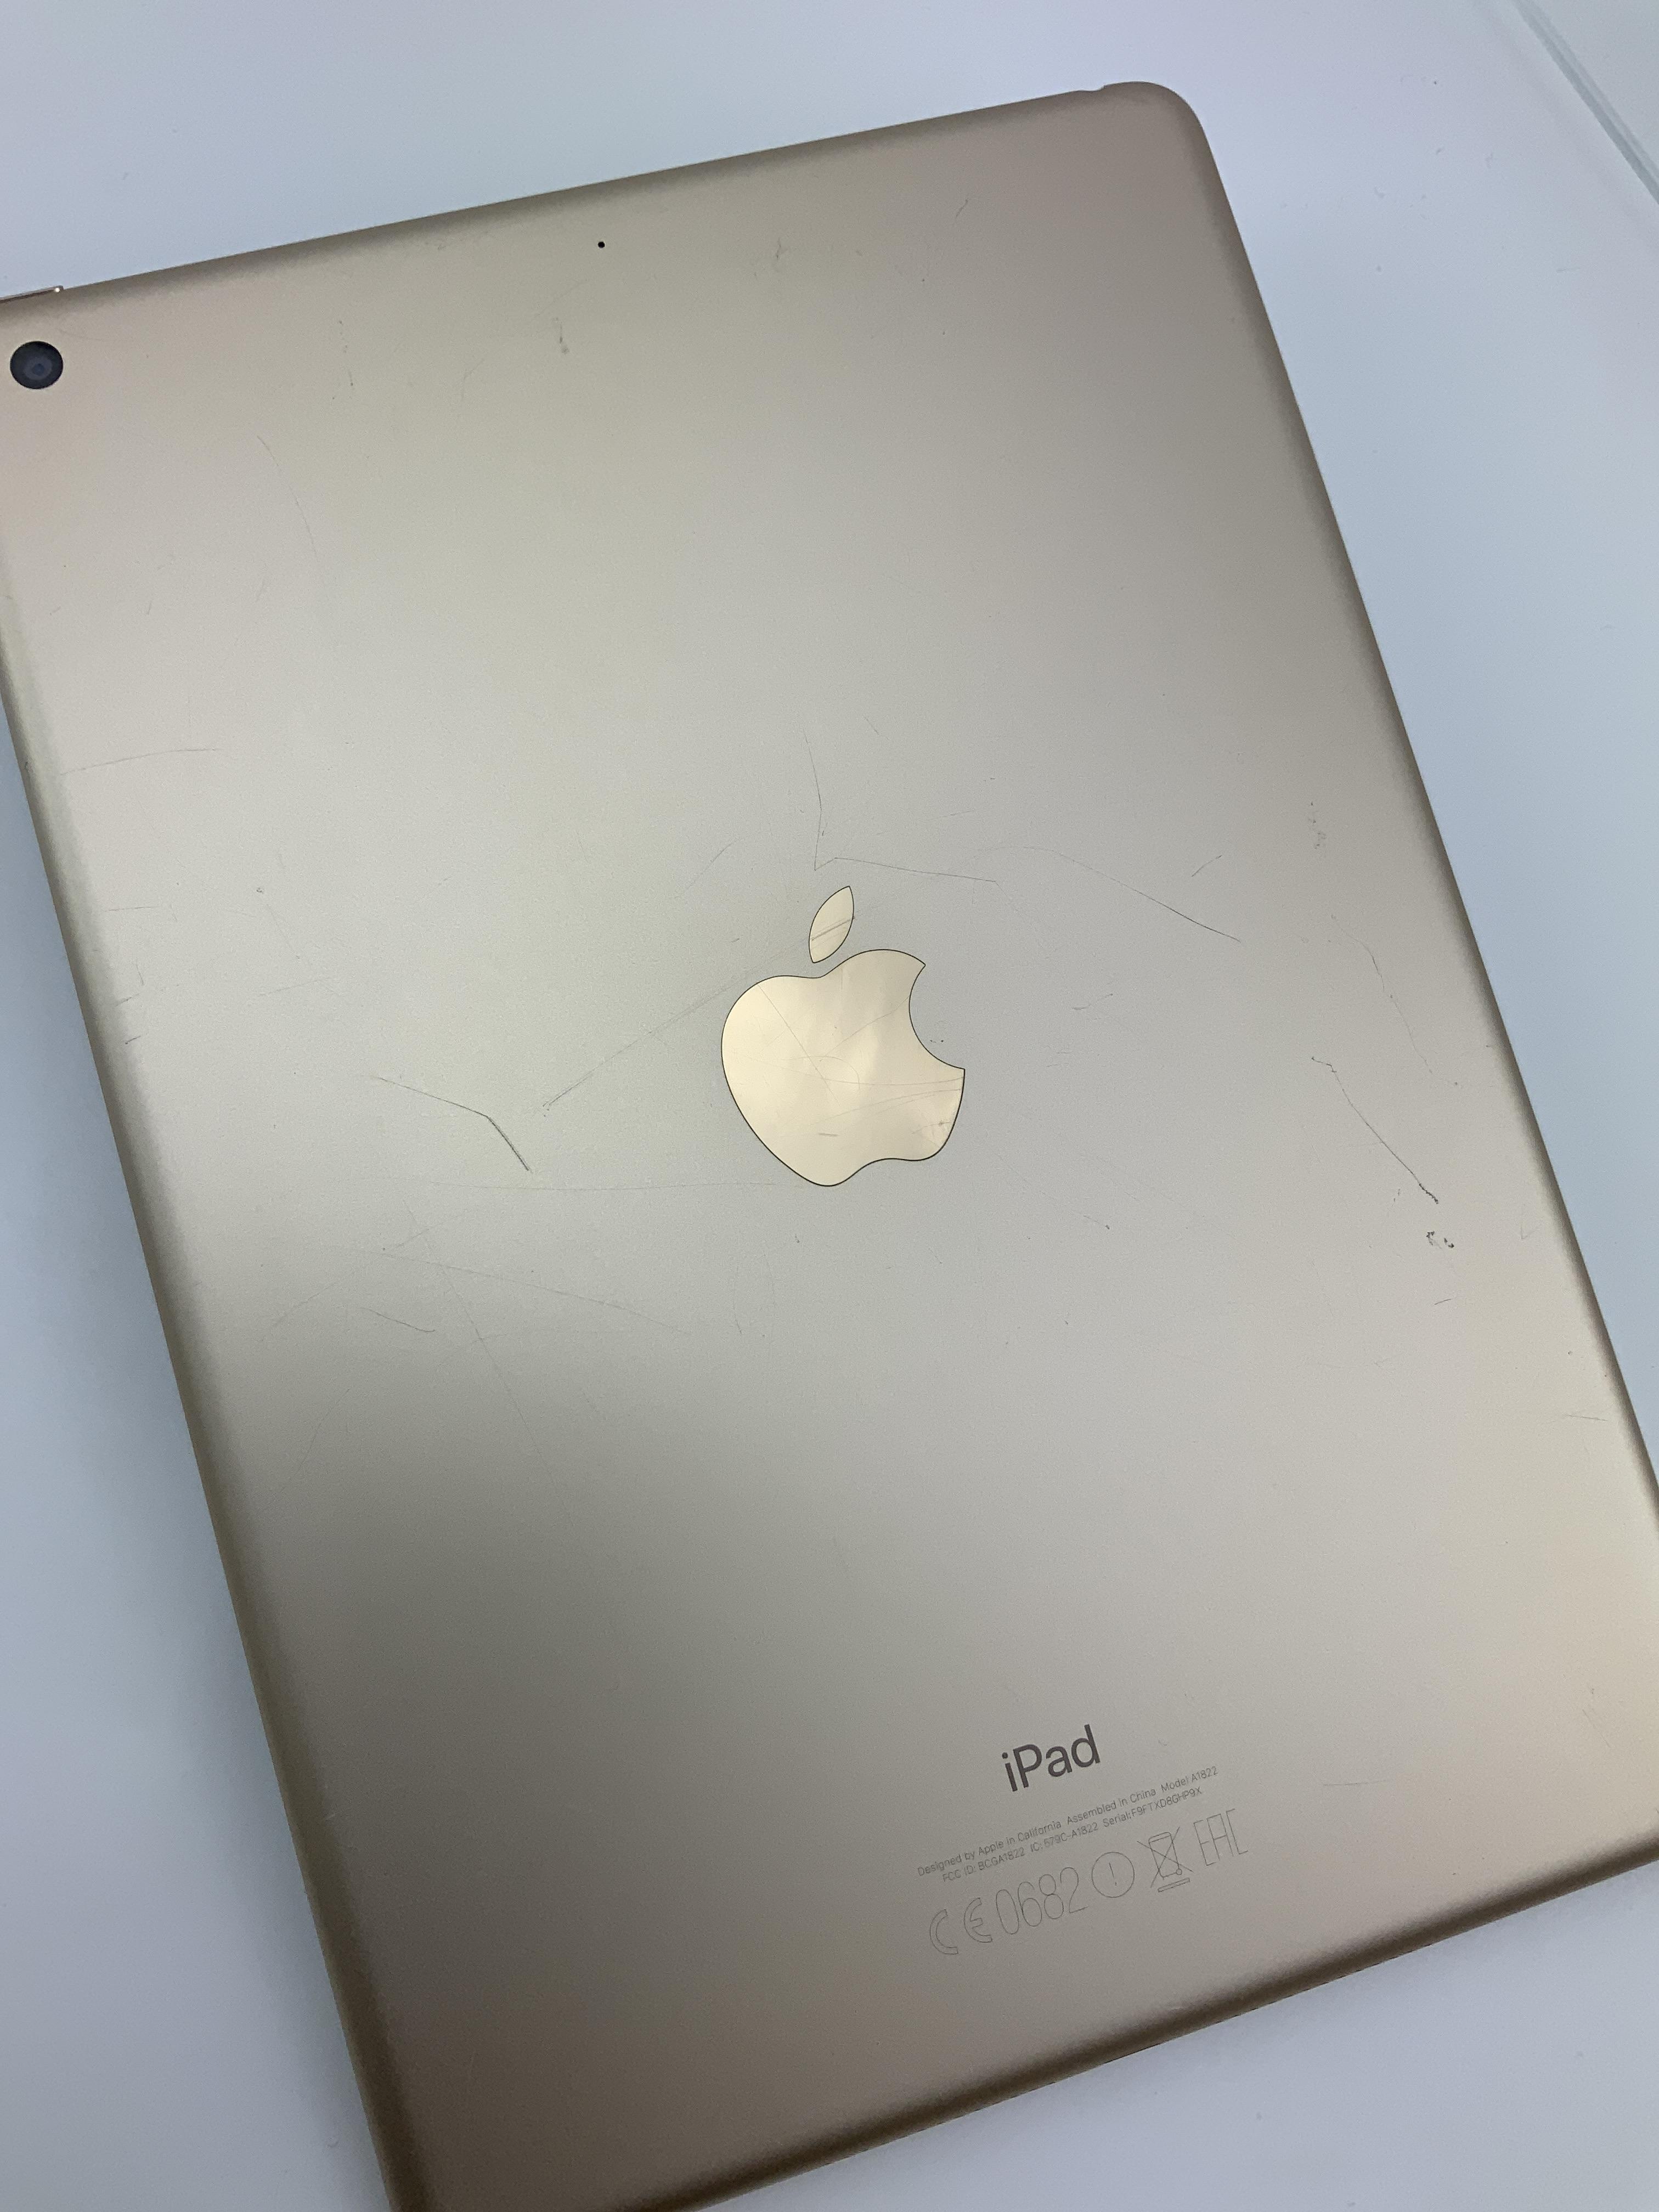 iPad 5 Wi-Fi 32GB, 32GB, Gold, Bild 4